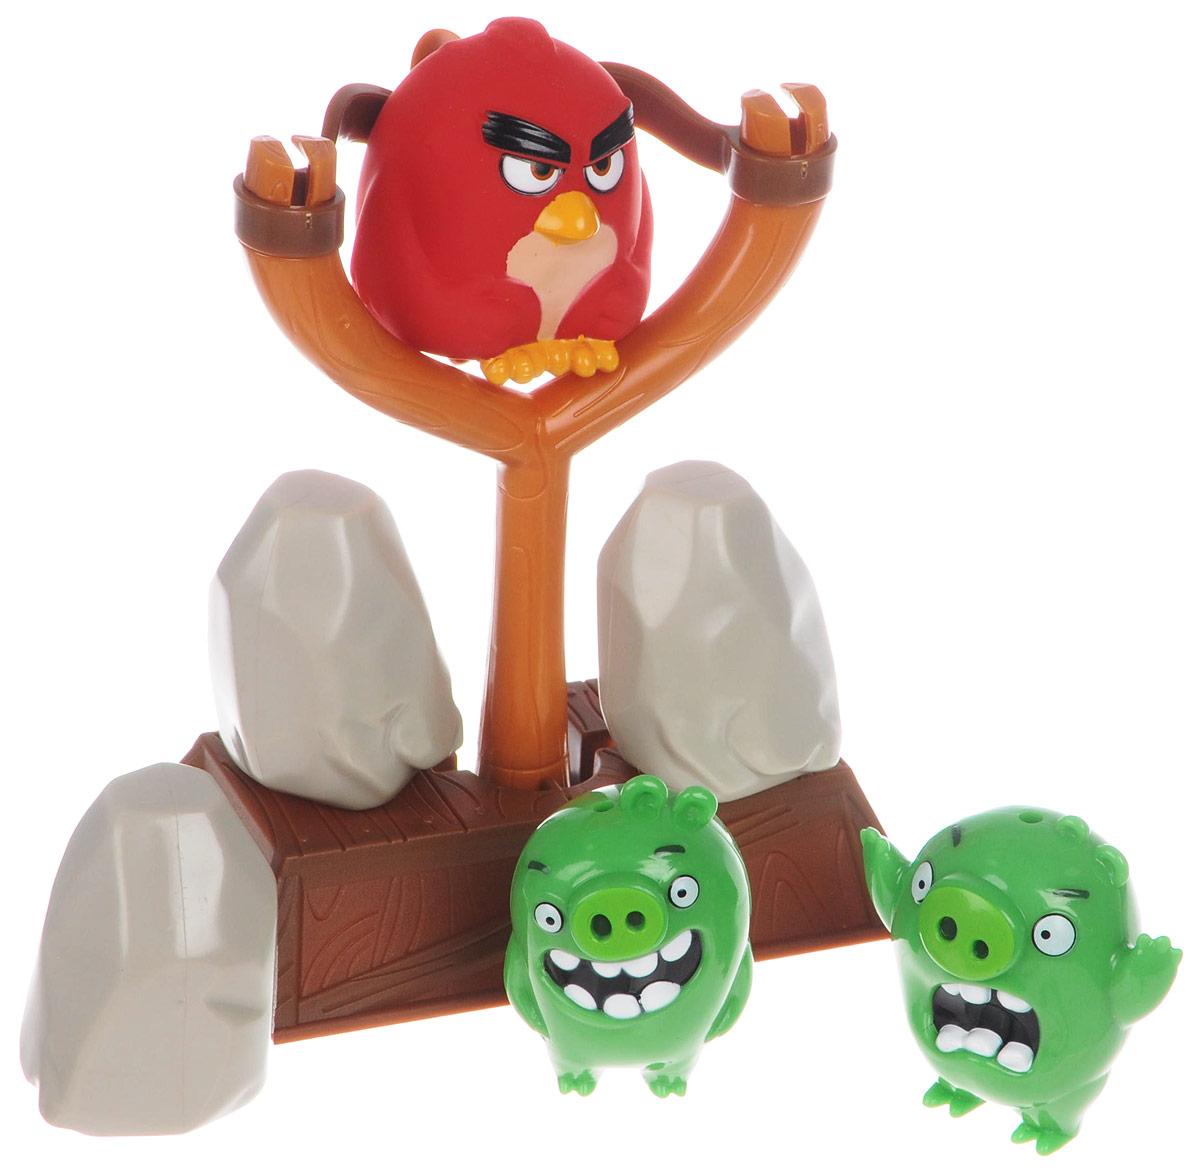 Angry Birds Игровой набор Тир сердитых птичек90504_три птичкиЗамечательный игровой набор Angry Birds Тир сердитых птичек создан специально для фанатов популярной игры и мультфильма. Сюжет тот же, что и для смартфонов. Из специальных блоков нужно изготовить постройку для поросят и с помощью рогатки стрелять в них птичкой Рэдом. Цель игры - сбить птичкой всех свинок. Набор выполнен из качественного и безопасного пластика. Игровой набор понравится не только поклонникам популярнейшей компьютерной игры Angry Birds, но и всем детям без исключения, ведь рушить постройки поросят не в виртуальном, а в реальном мире очень весело!